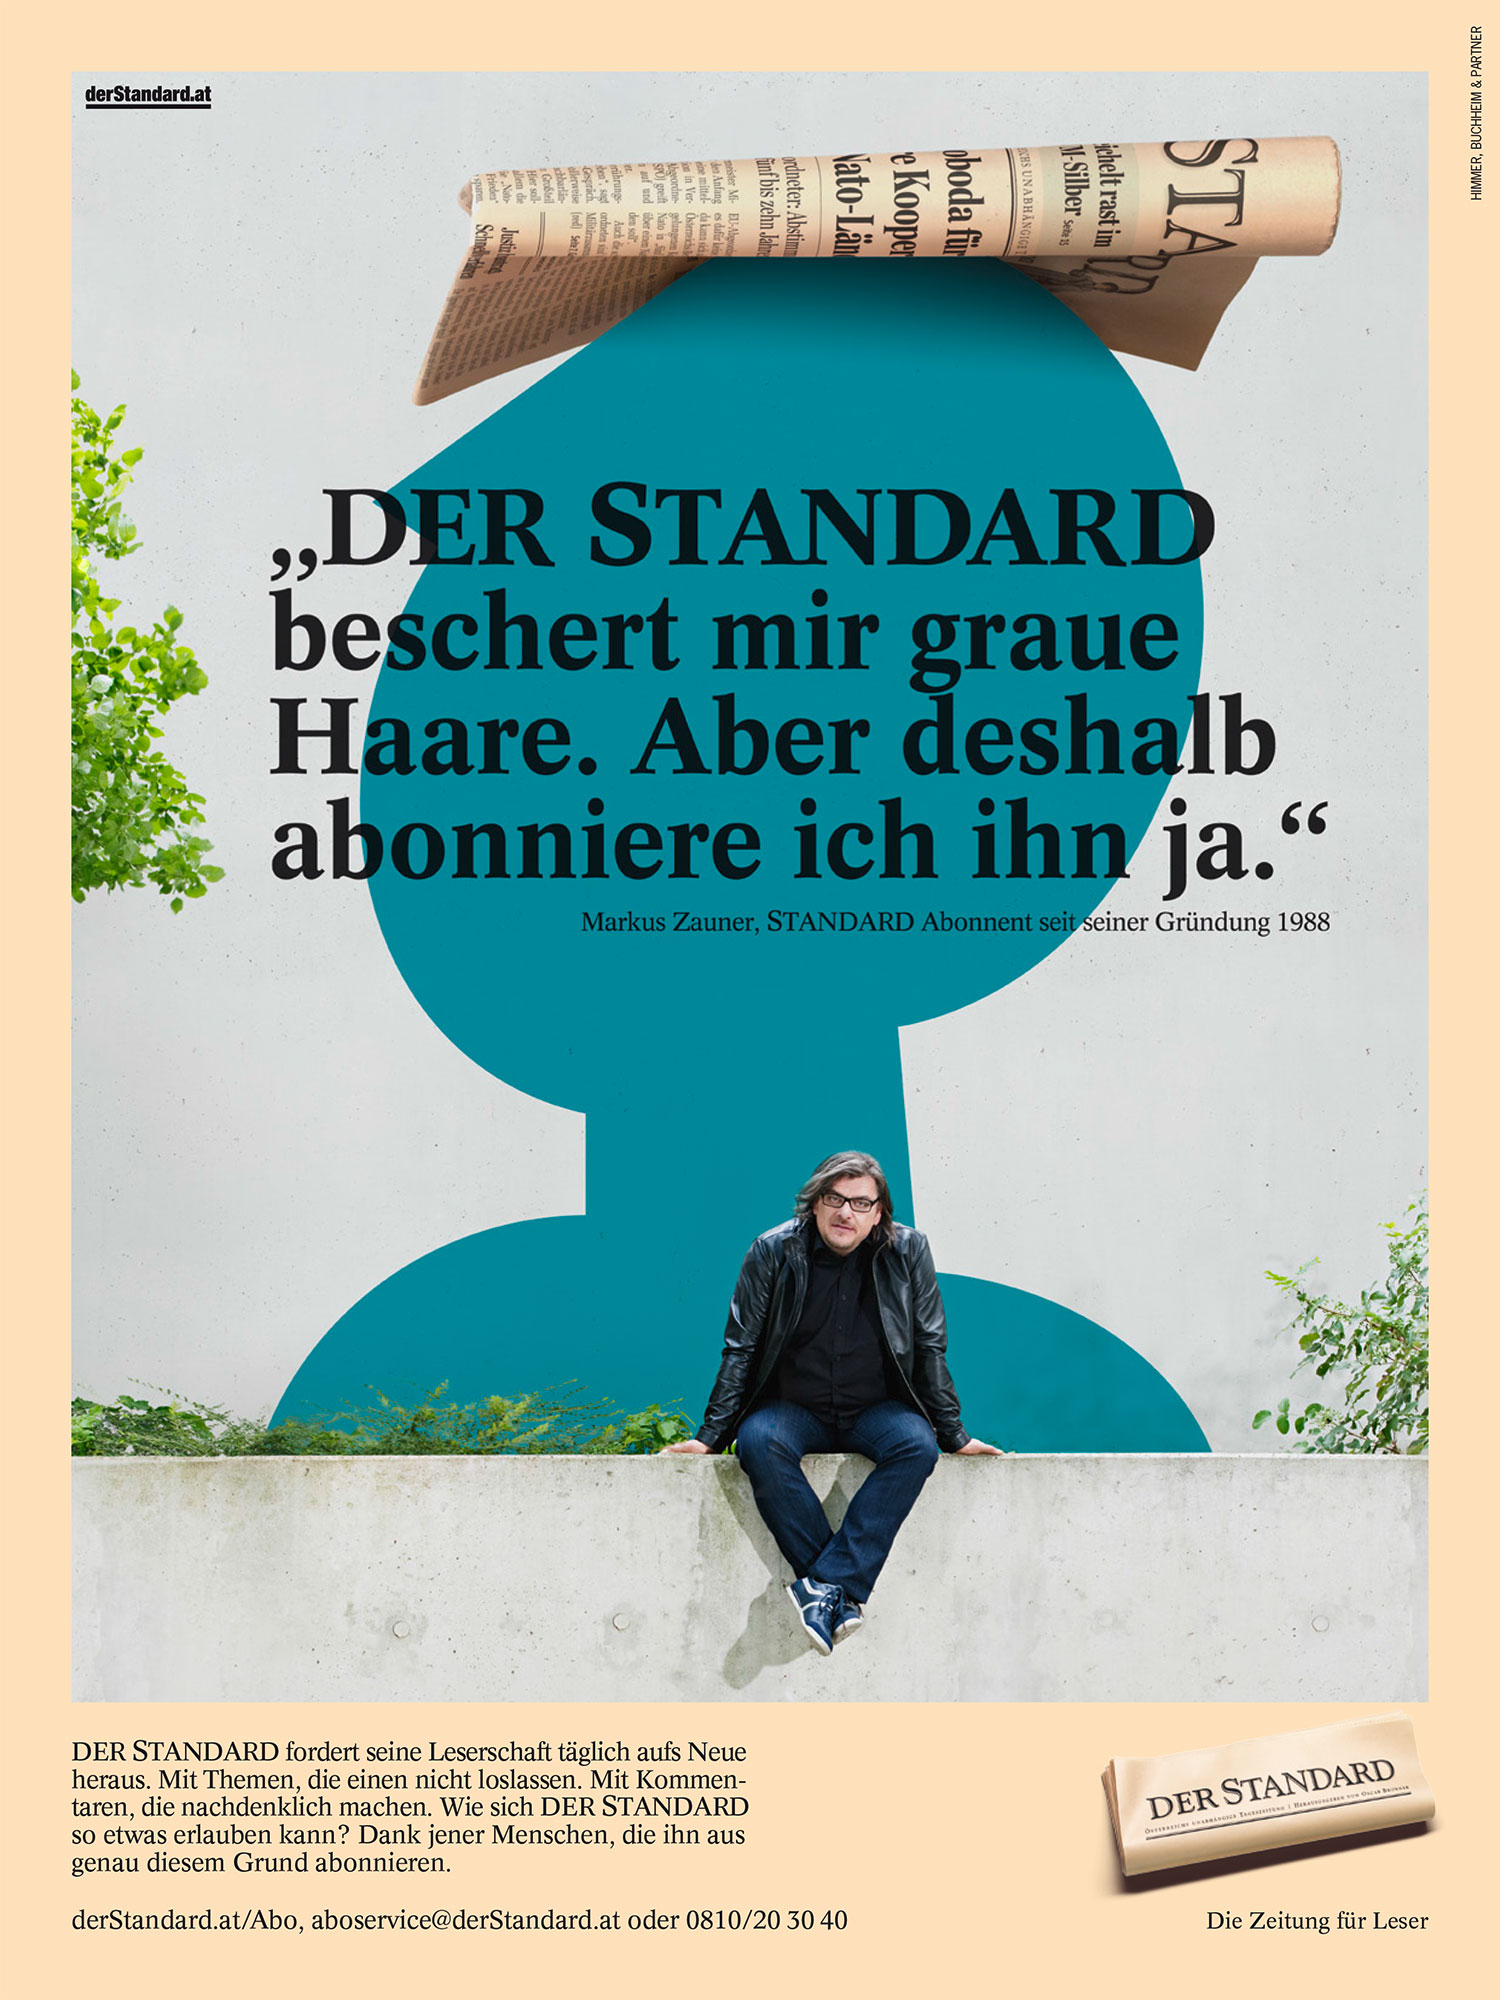 himmer buchheim abokampagne derstandard